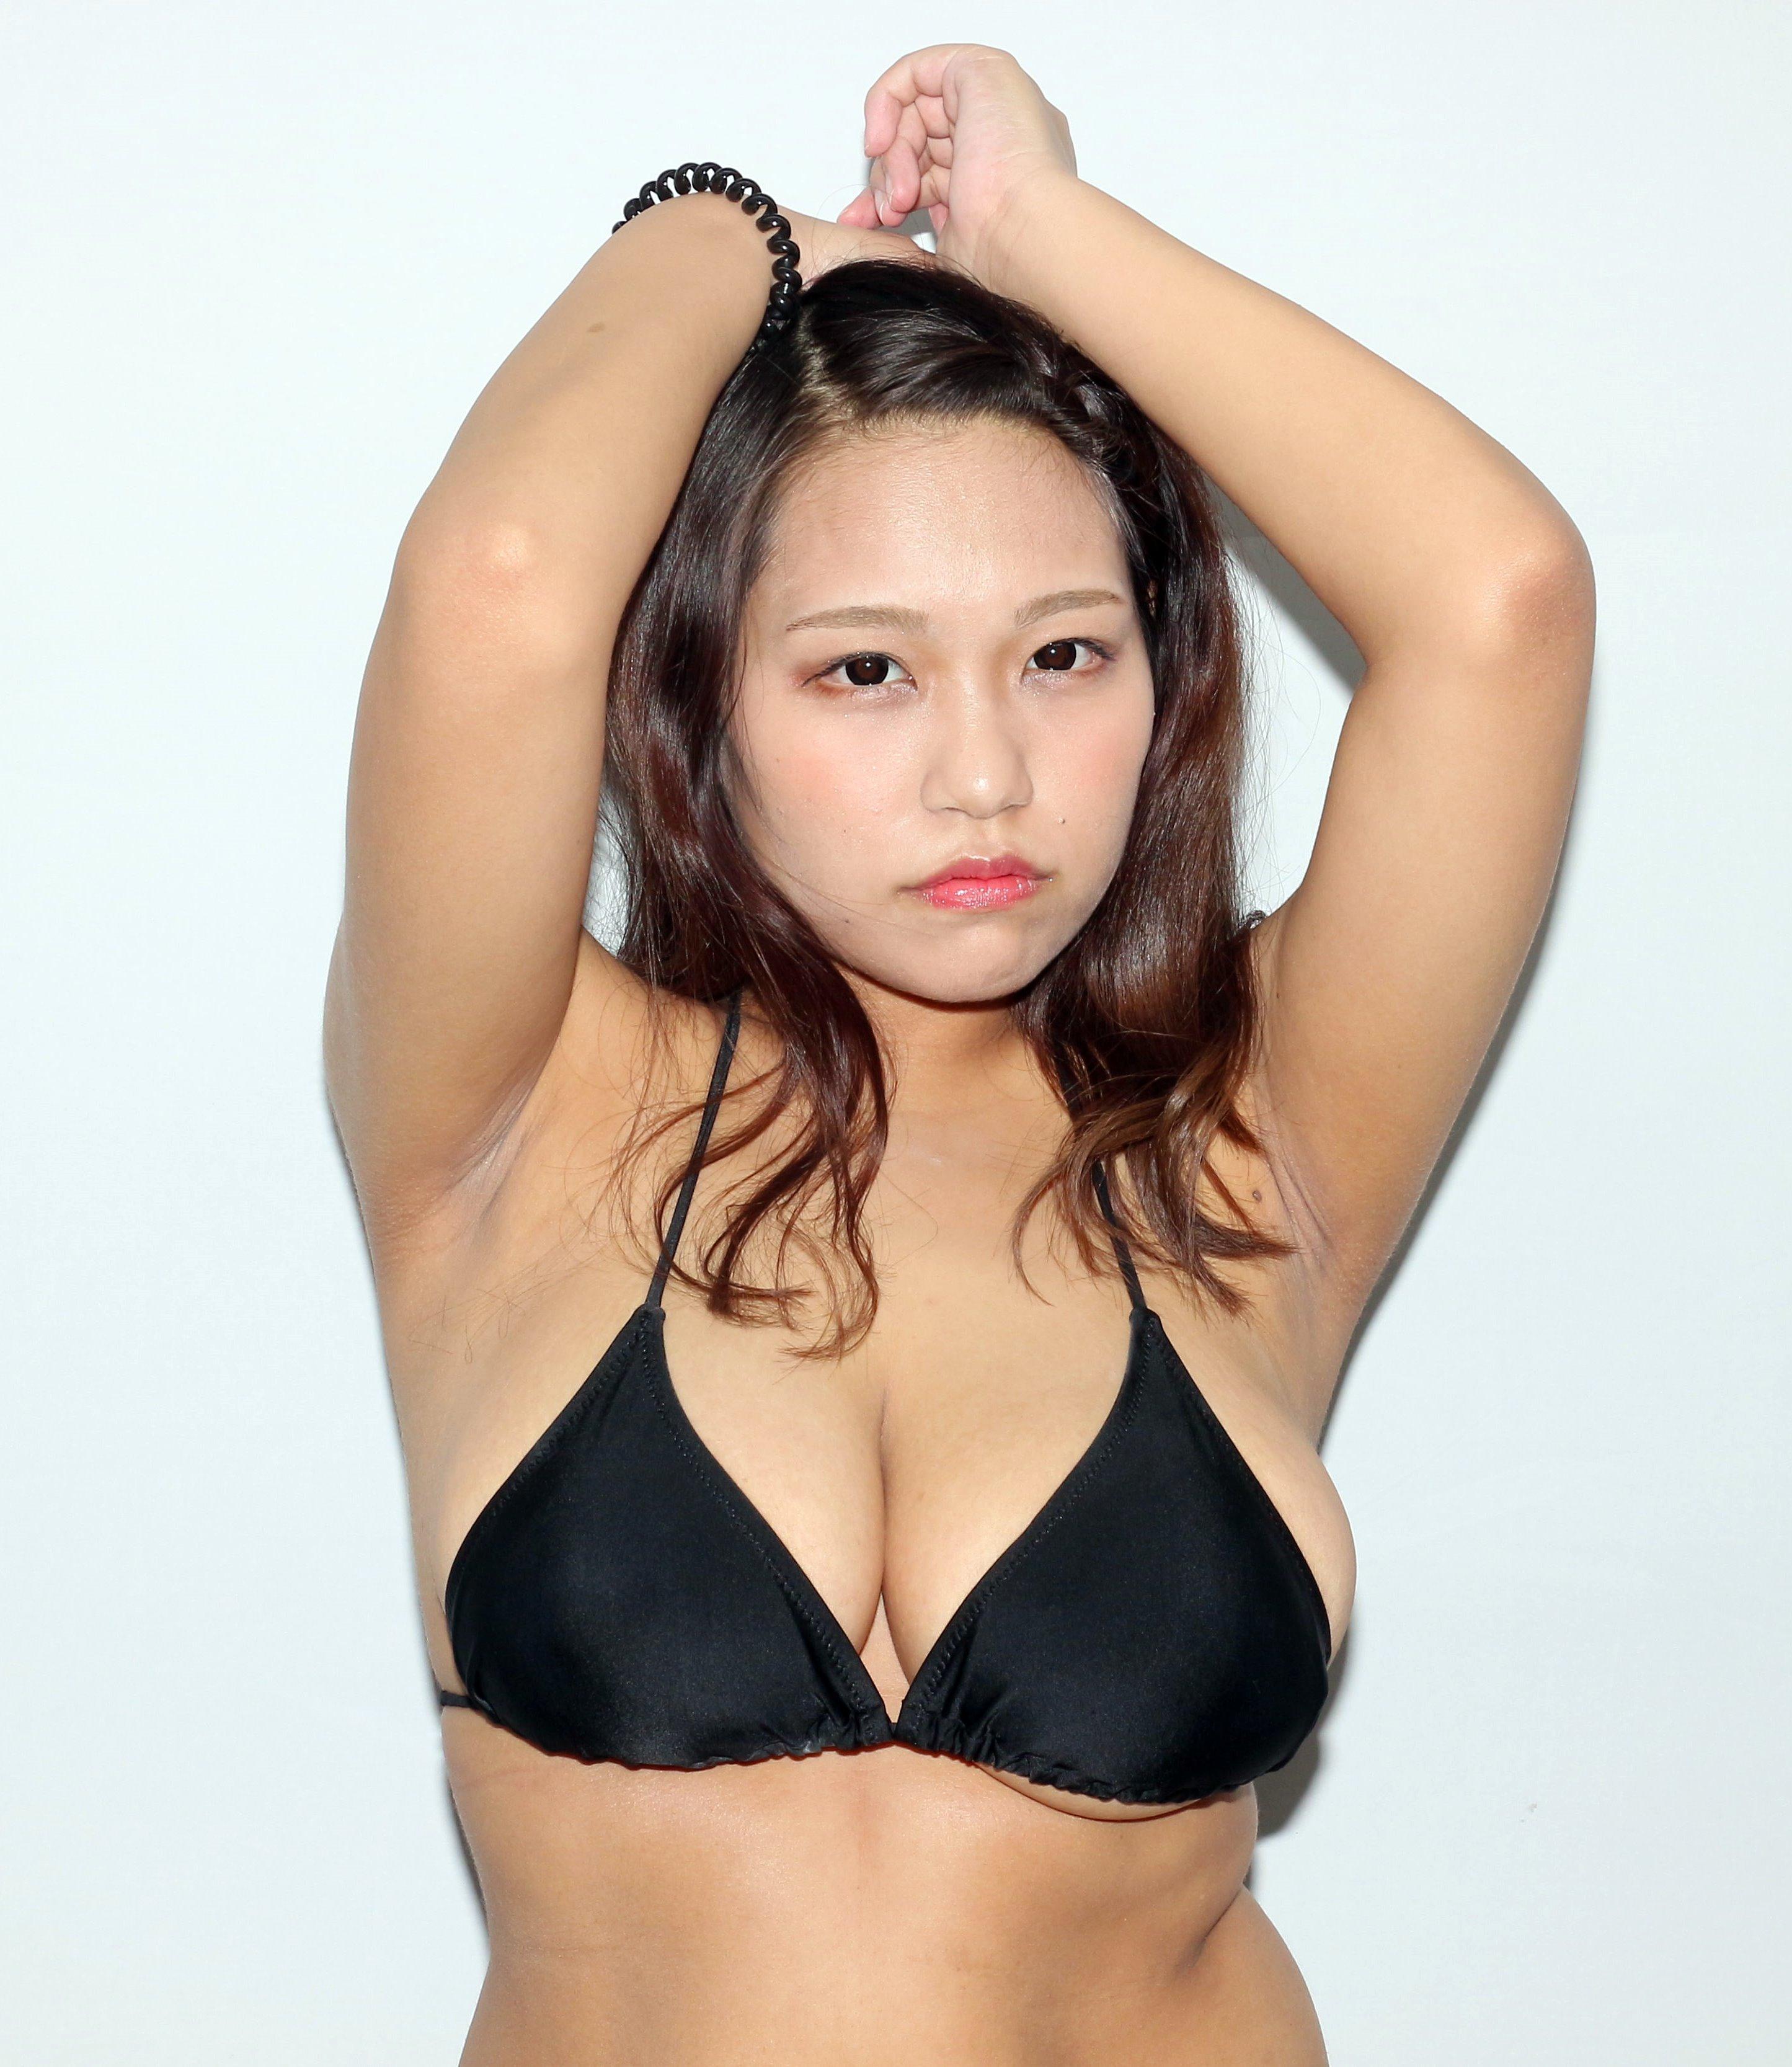 ふわみんの変色腋 (3)